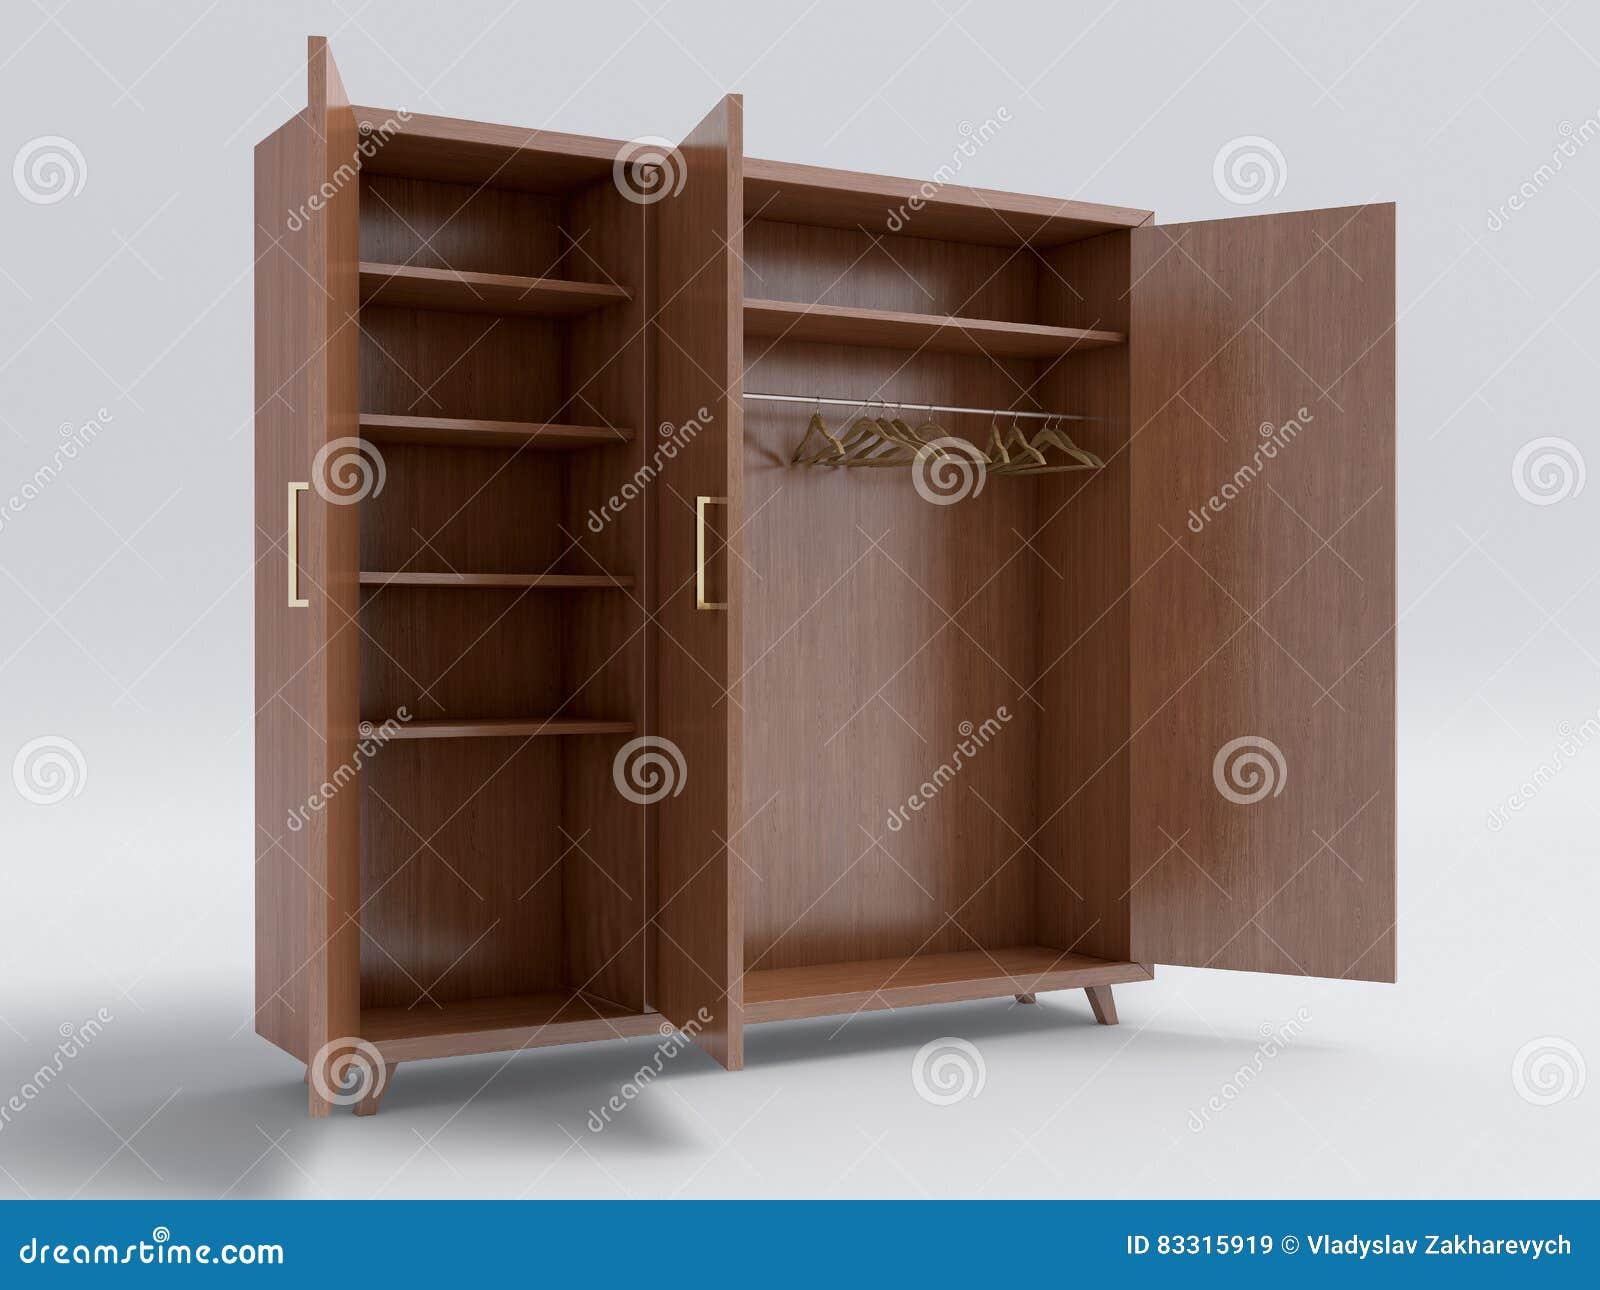 Houten Open Kast : Houten grote open kast stock illustratie illustratie bestaande